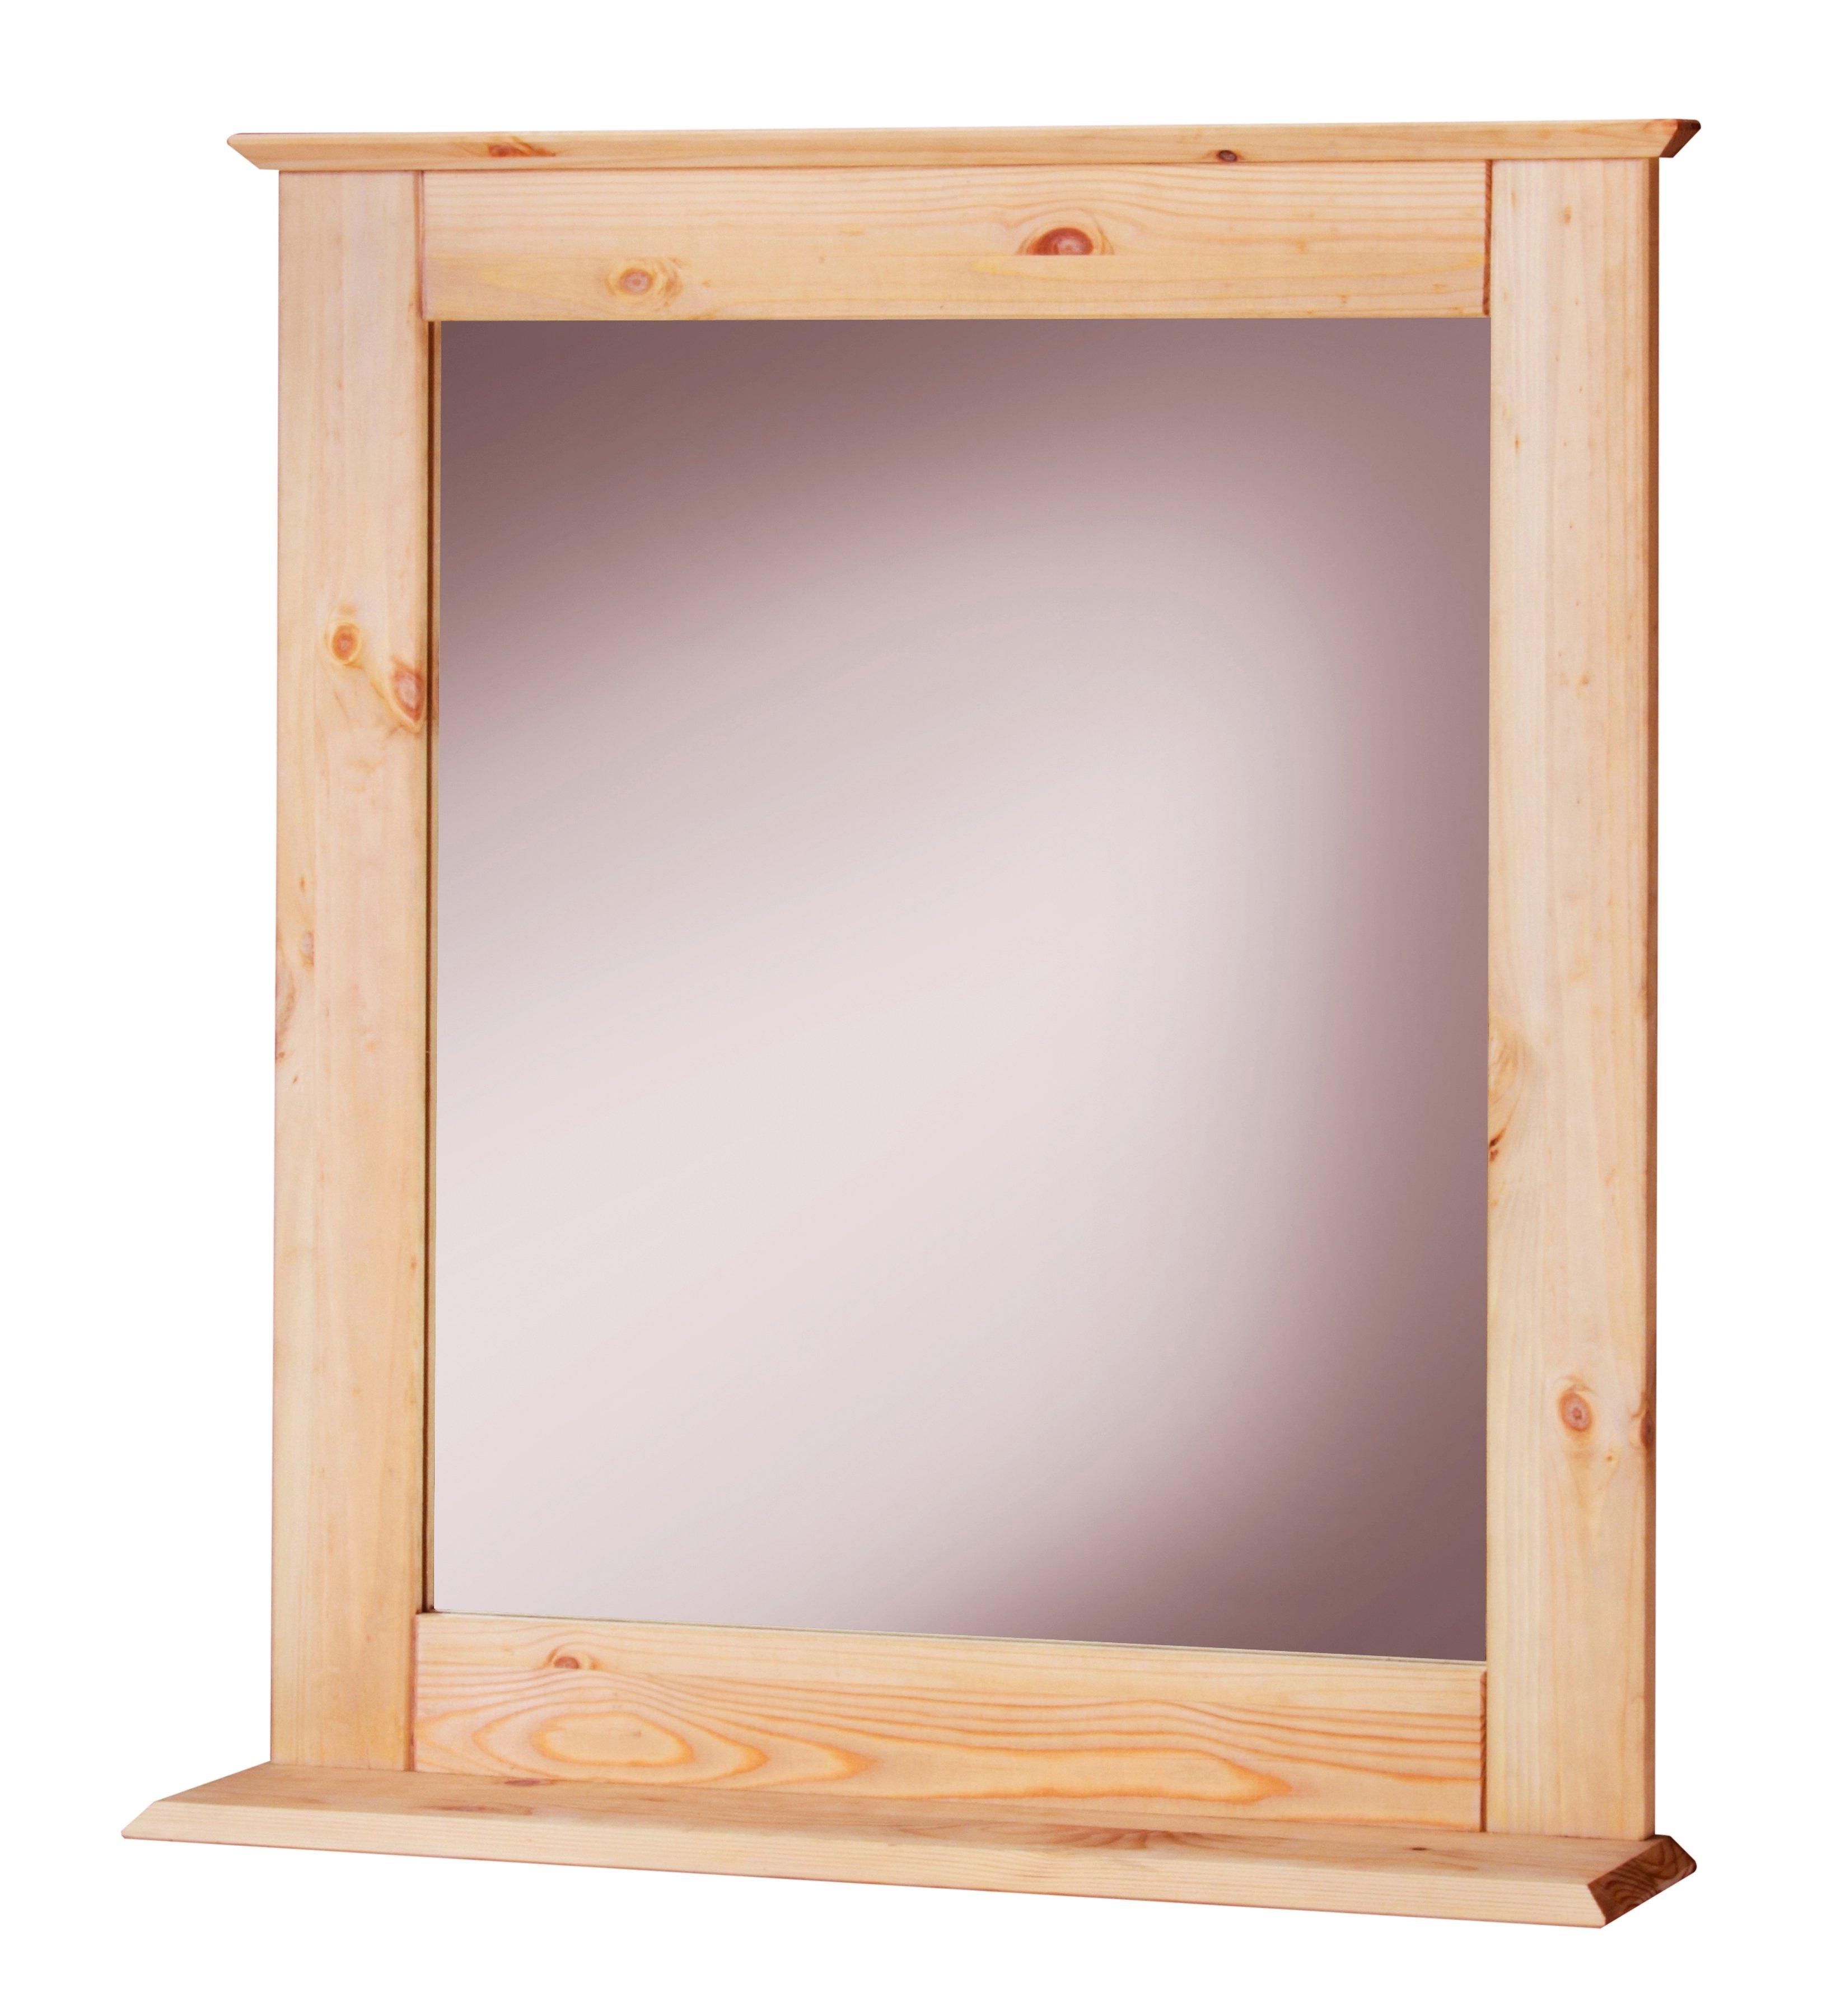 spiegel venezia landhuis sund breedte 58 cm nu online kopen otto. Black Bedroom Furniture Sets. Home Design Ideas